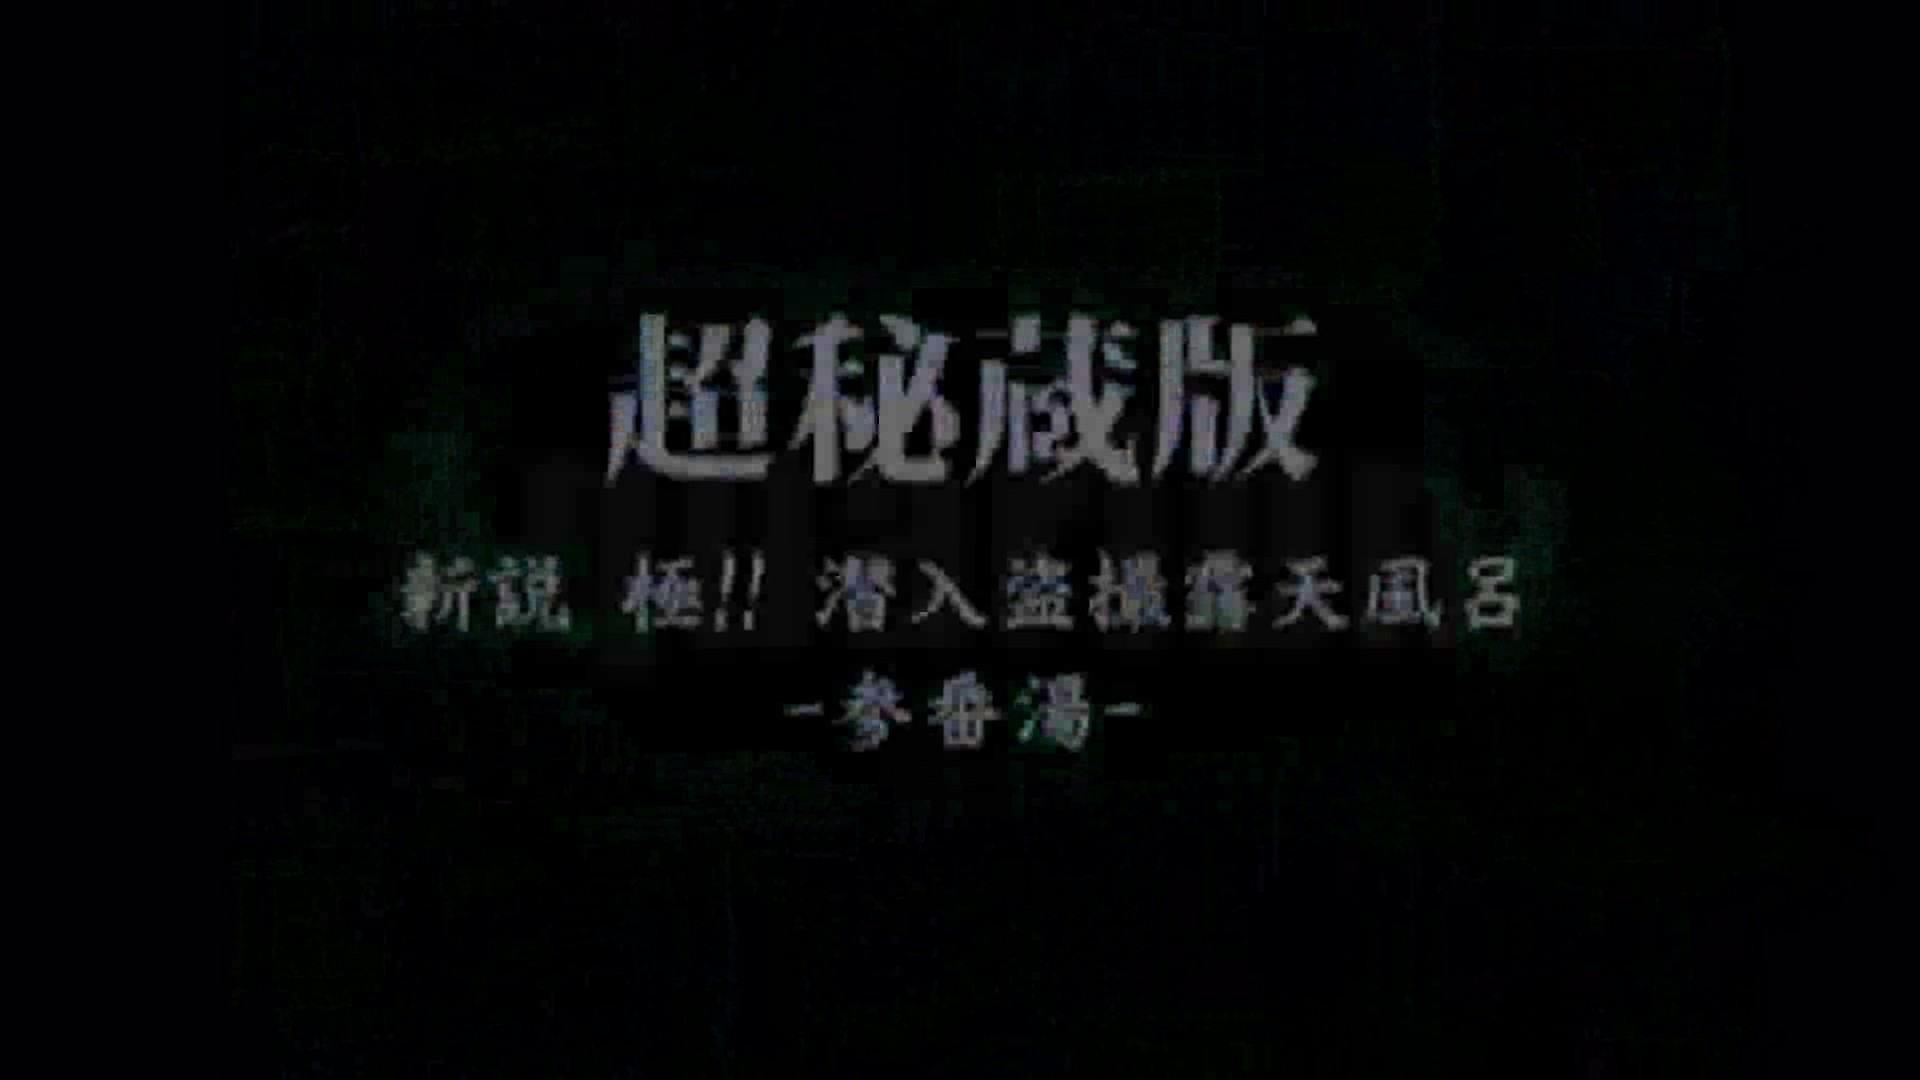 Aquaな露天風呂Vol.867潜入盗撮露天風呂参判湯 其の五 潜入 | 露天風呂  9枚 1